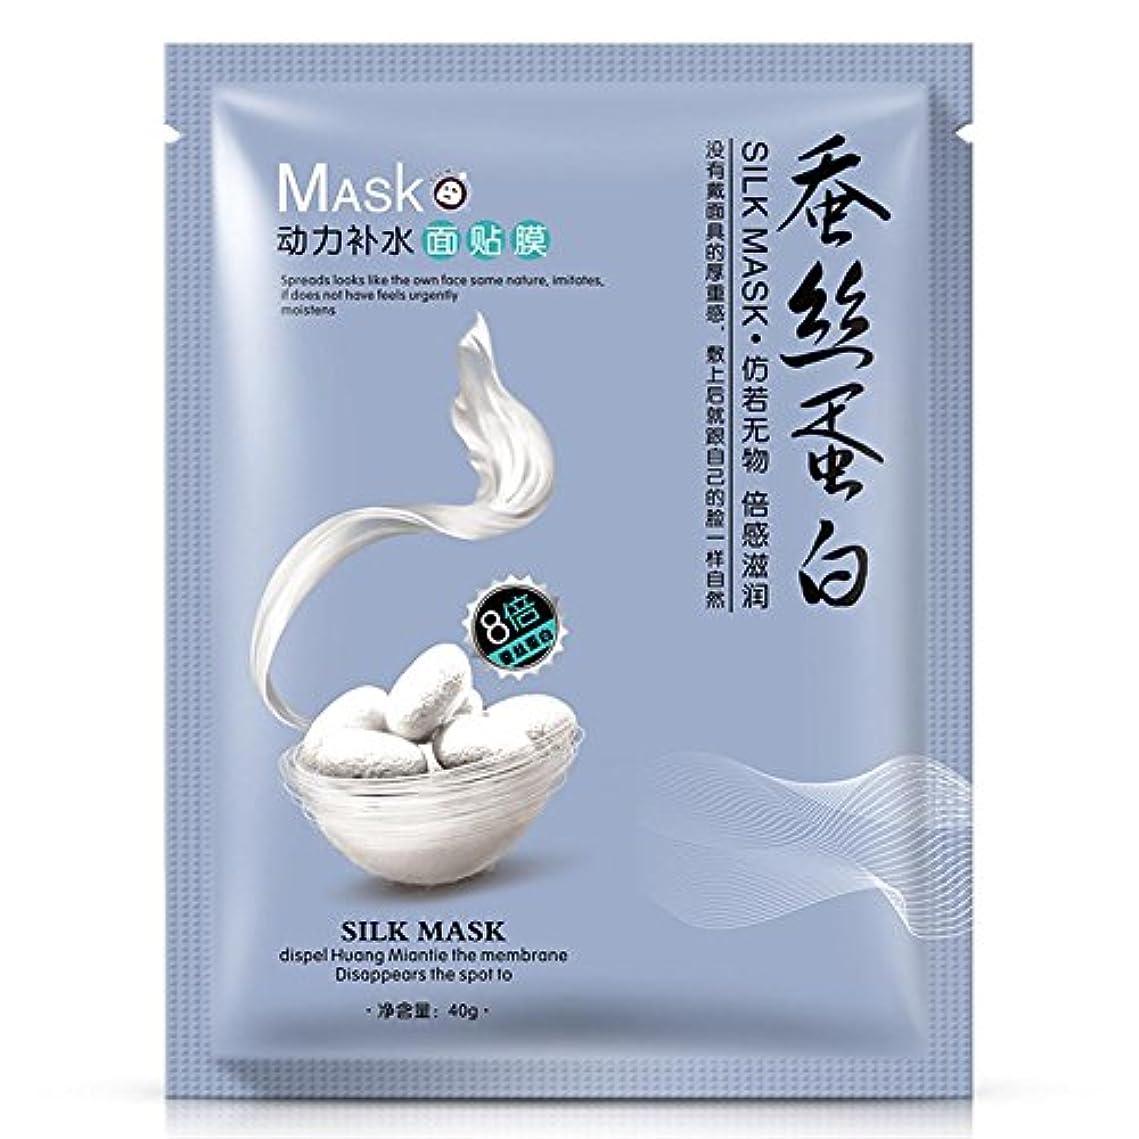 塗抹バランス緑SILUN 1ピースワンスプリングシルクプロテイン保湿フェイシャルマスクオイルコントロールにきび除去ホワイトニング化粧品保湿フェイスマスク